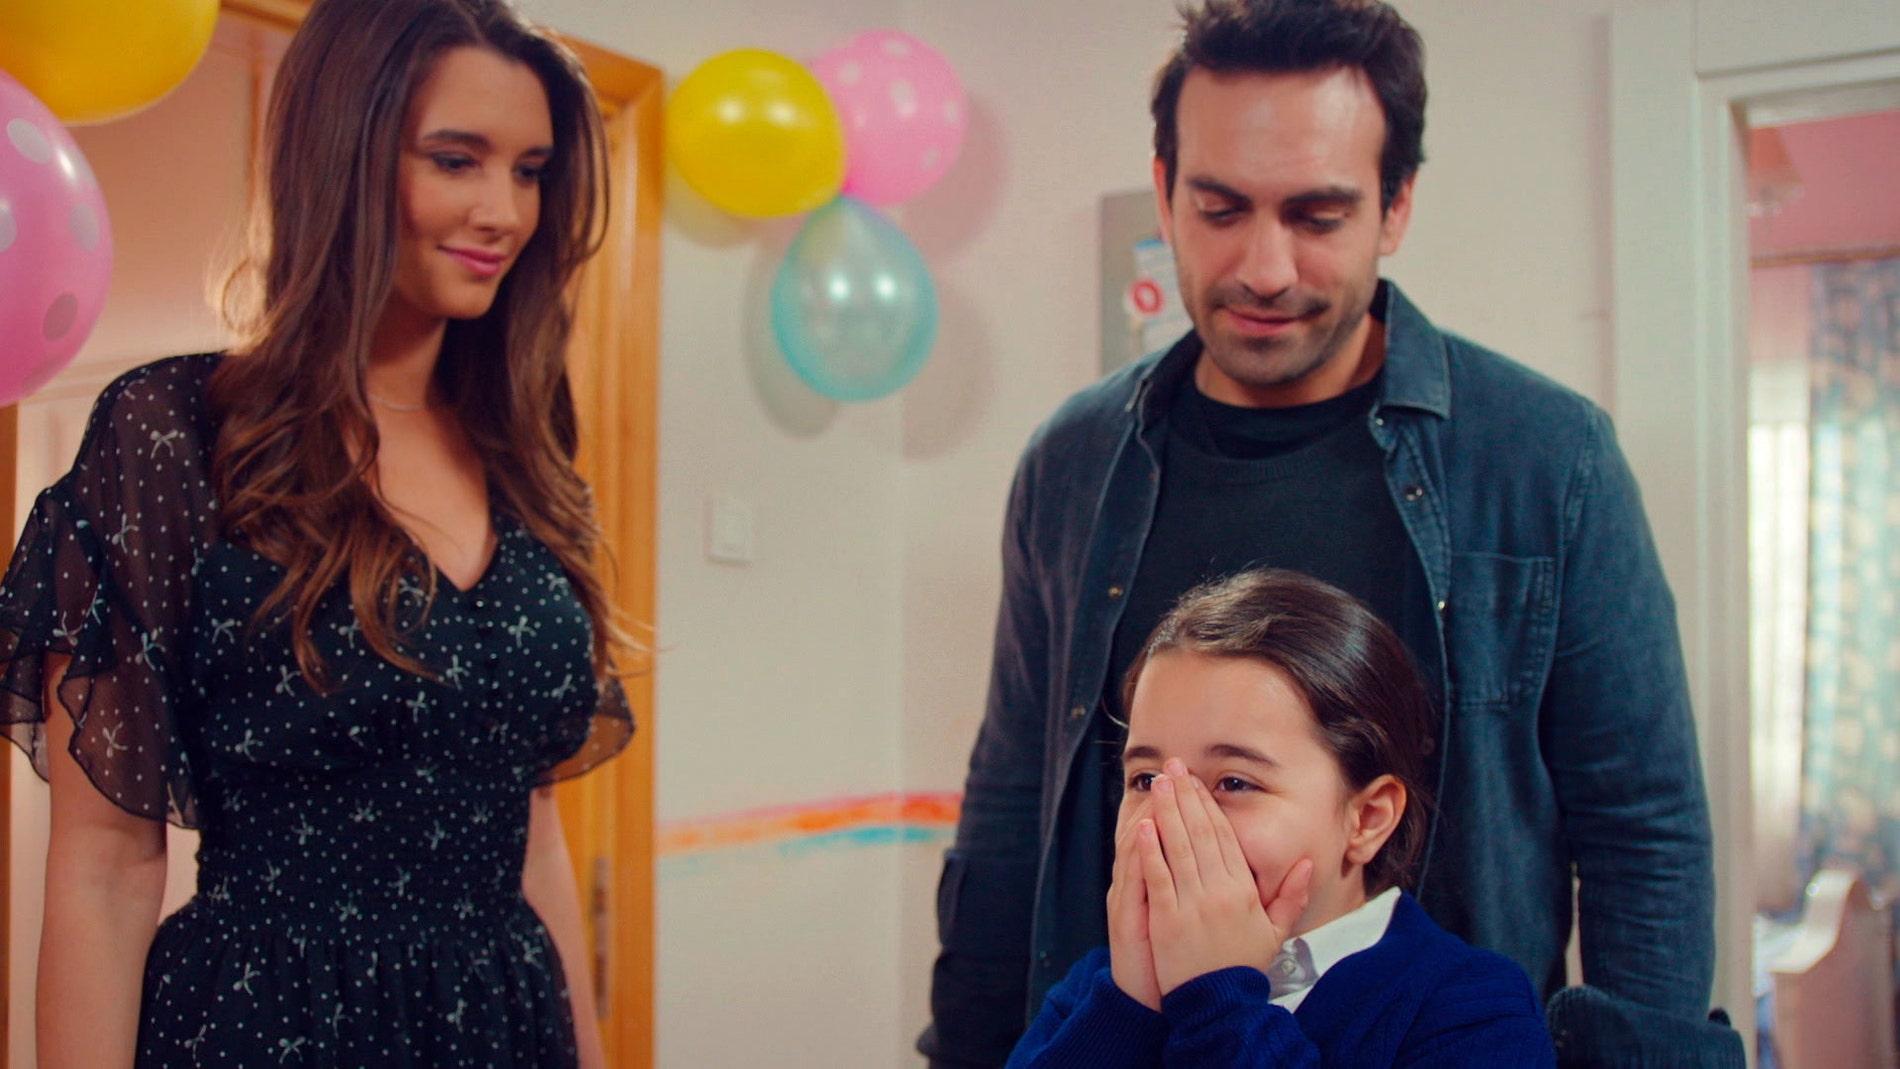 Demir y Candan sorprenden a Öykü con una fiesta de cumpleaños inolvidable